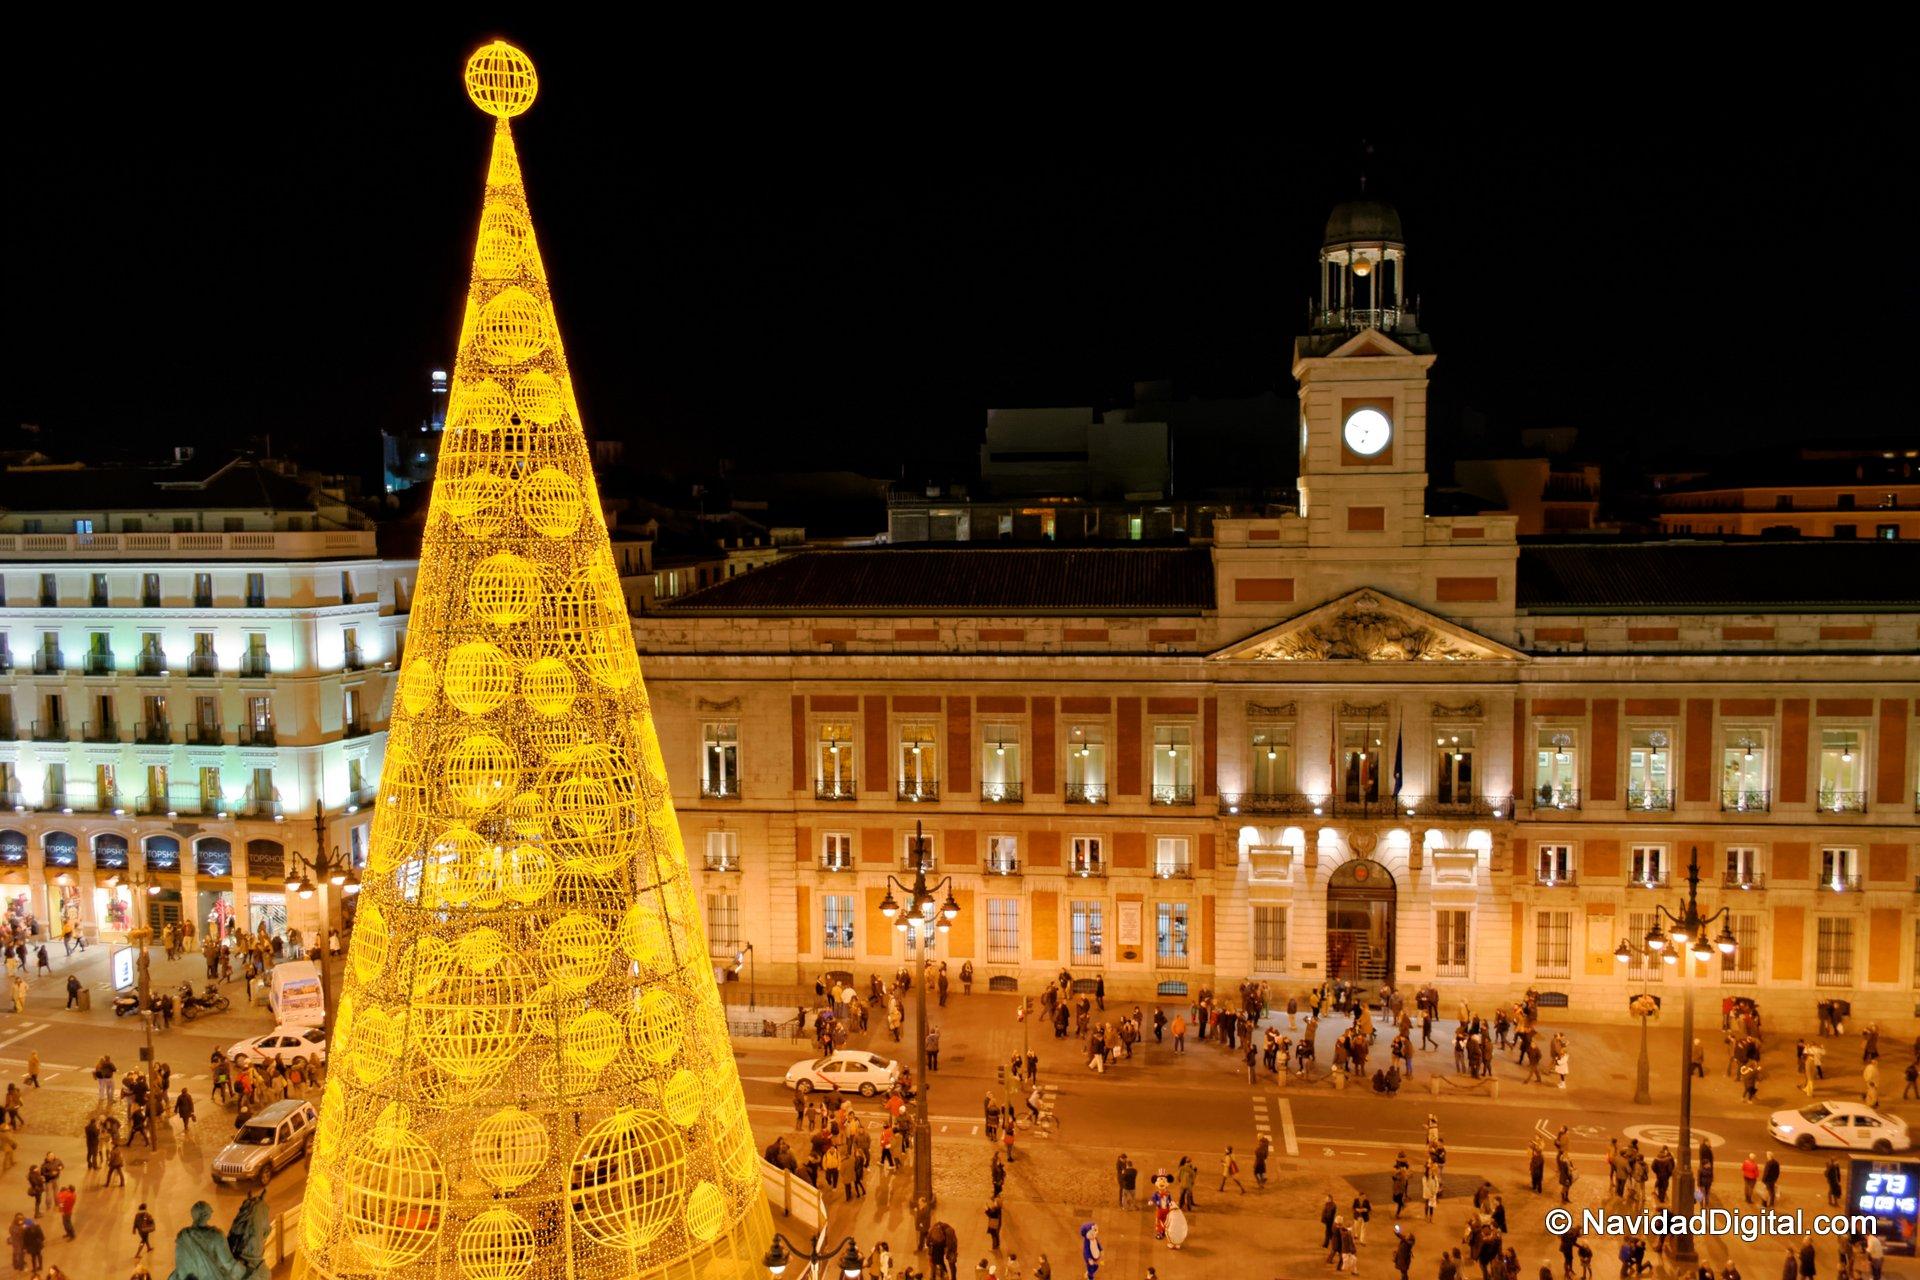 Puerta del sol madrid navidad 2013 madrid spain for Puerta de sol madrid